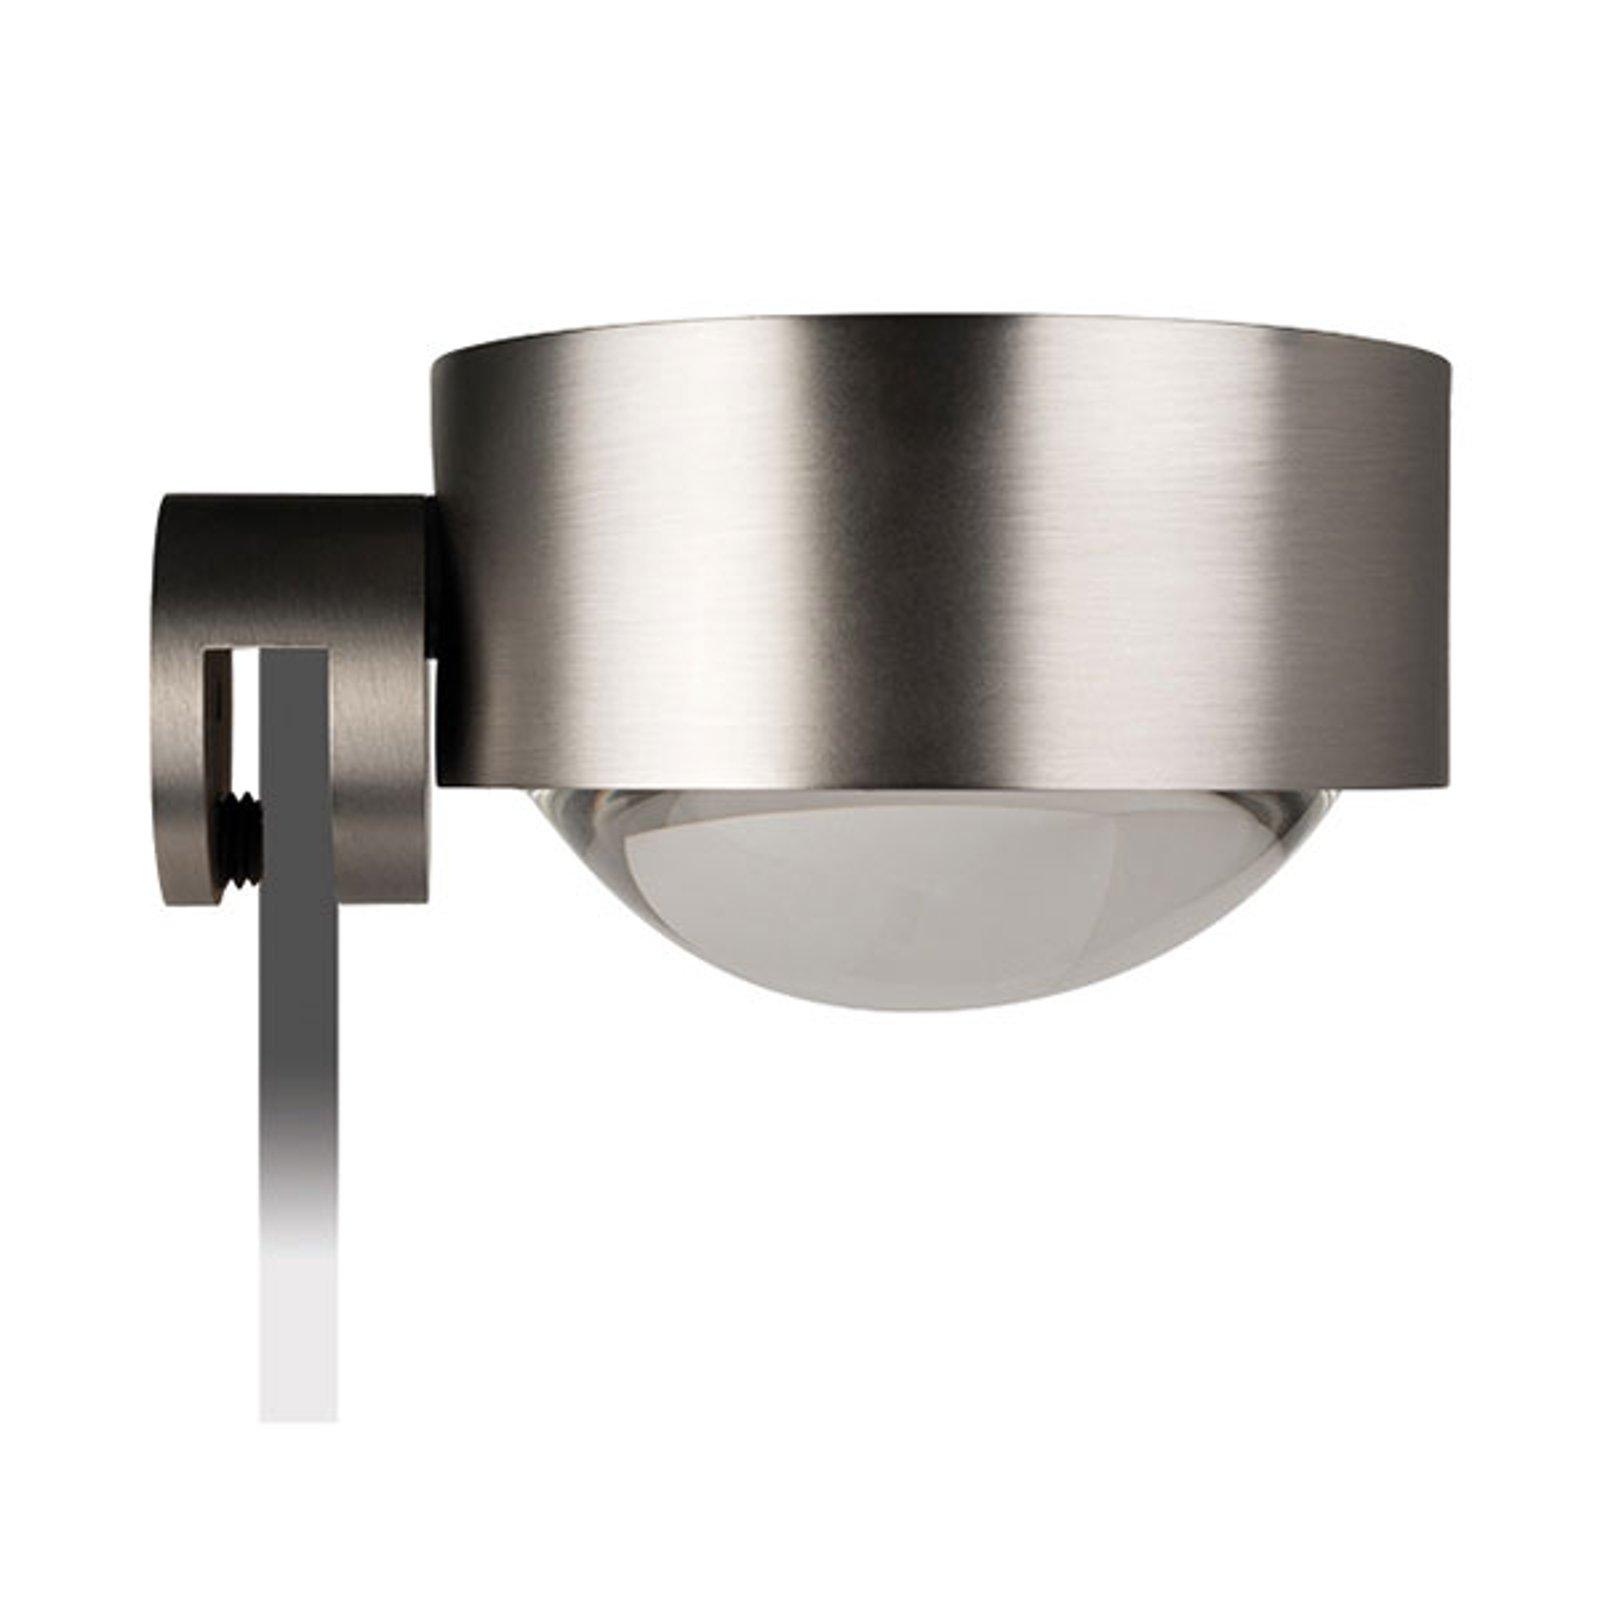 LED-speilklemmelampe Puk Fix, nikkel matt